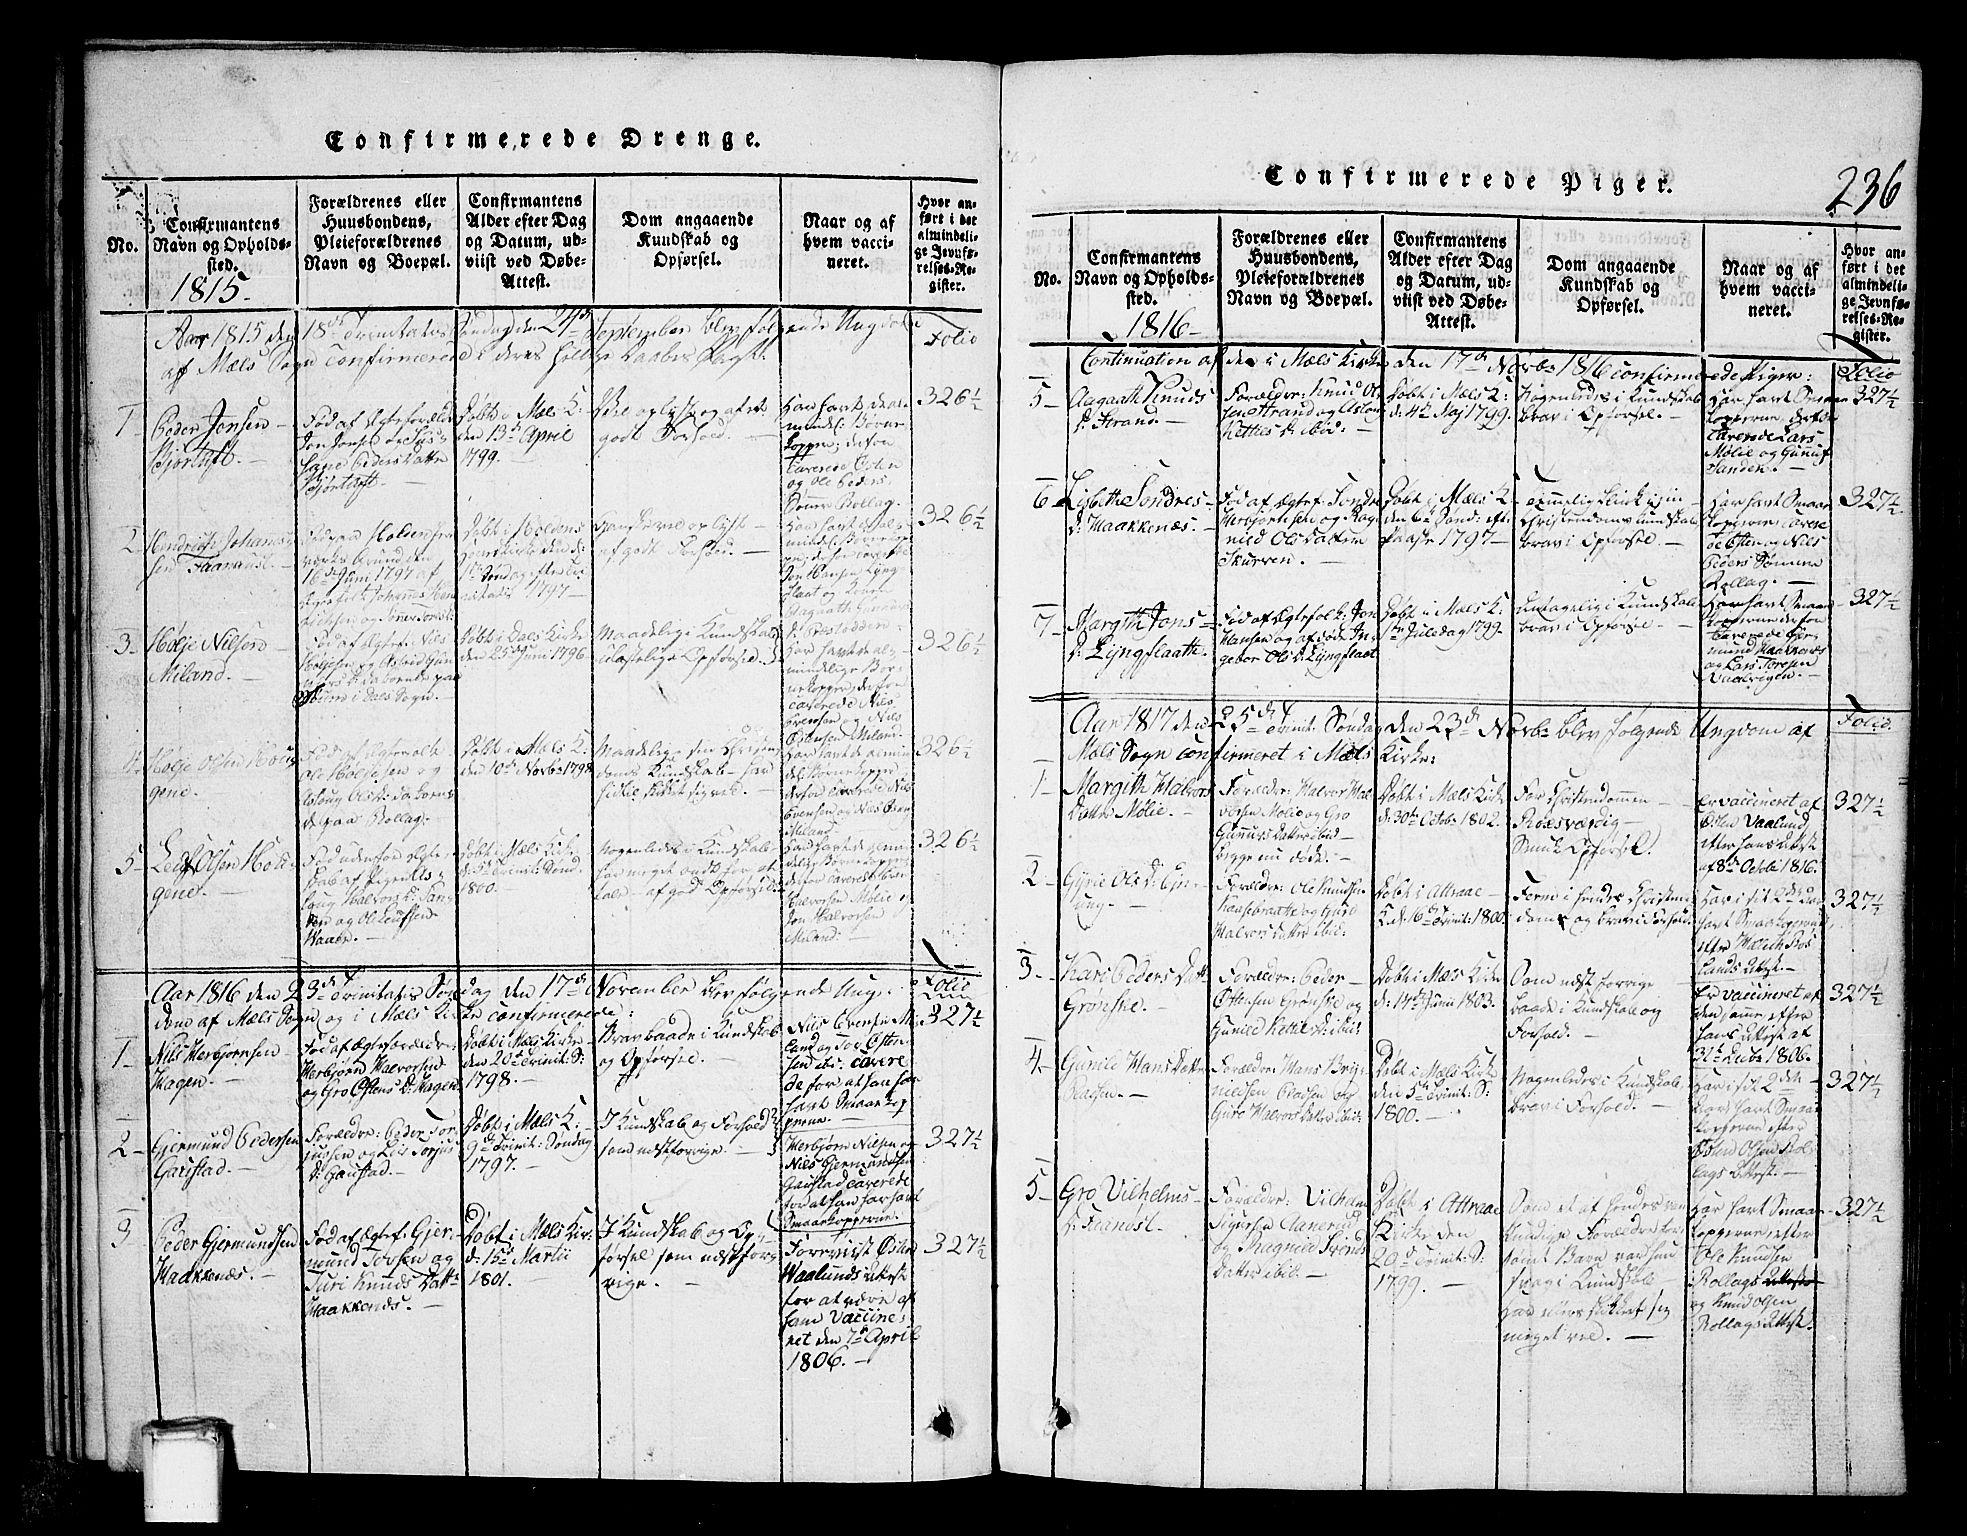 SAKO, Tinn kirkebøker, G/Gb/L0001: Klokkerbok nr. II 1 /1, 1815-1850, s. 236